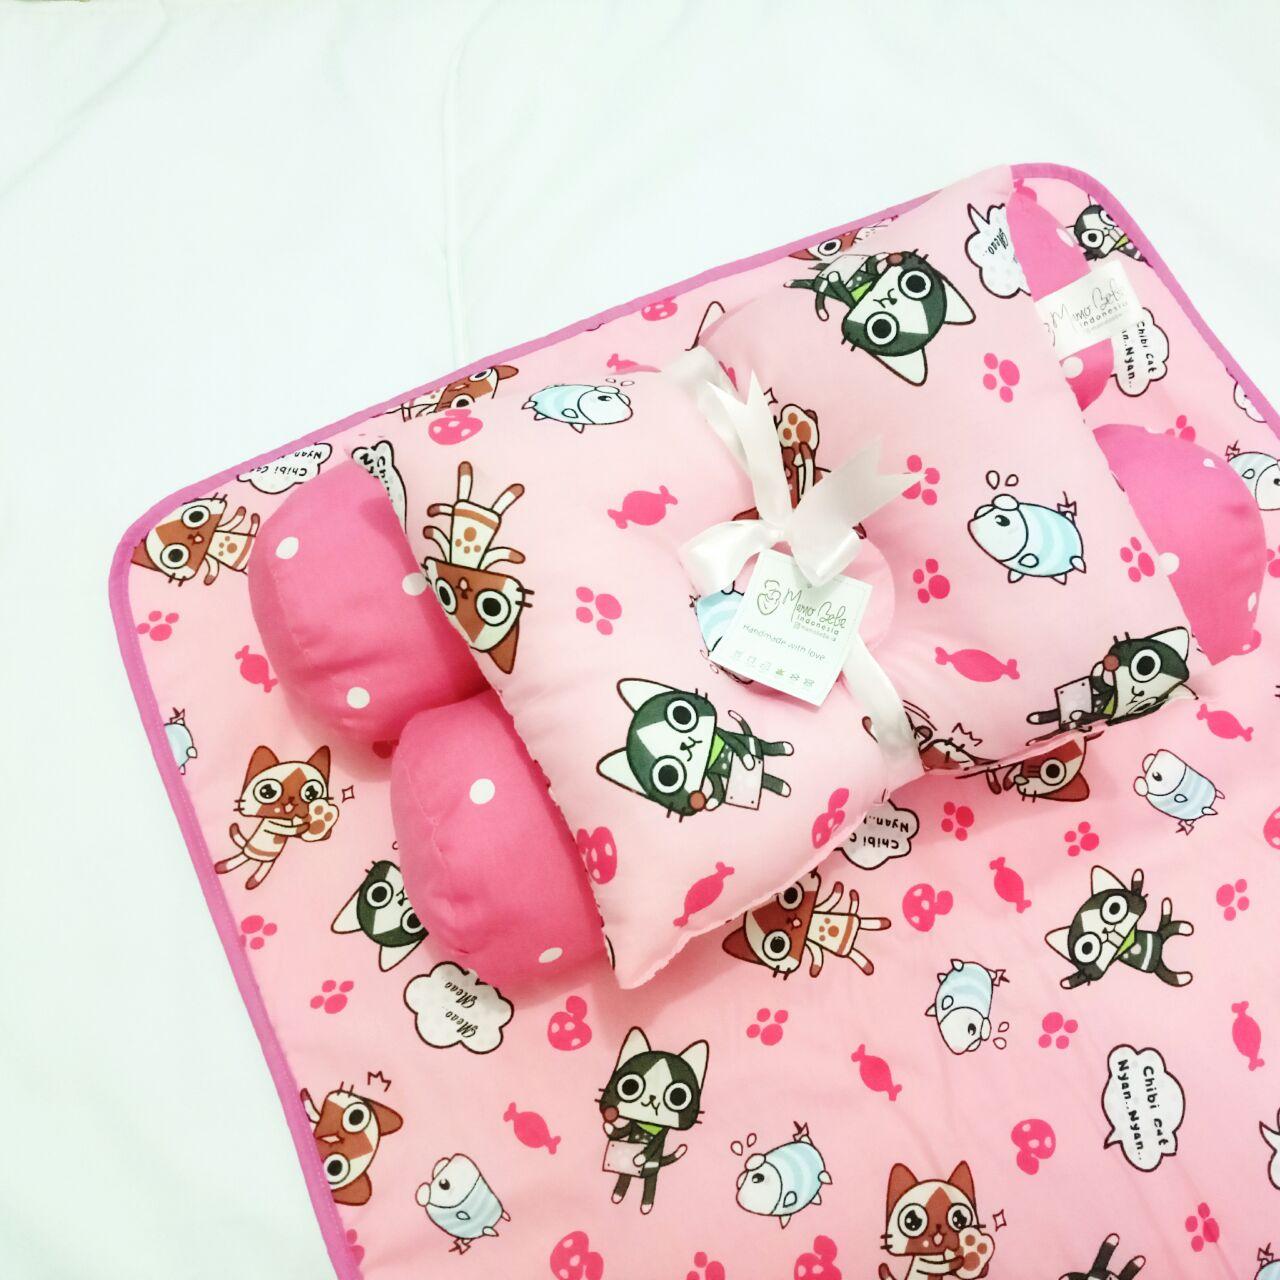 EKSKLUSIF Kado Bayi Baby Bedding Set 4in1 Matras Perlak Set Bantal Peang Plus 2 Guling motif Kucing Pink Lucu